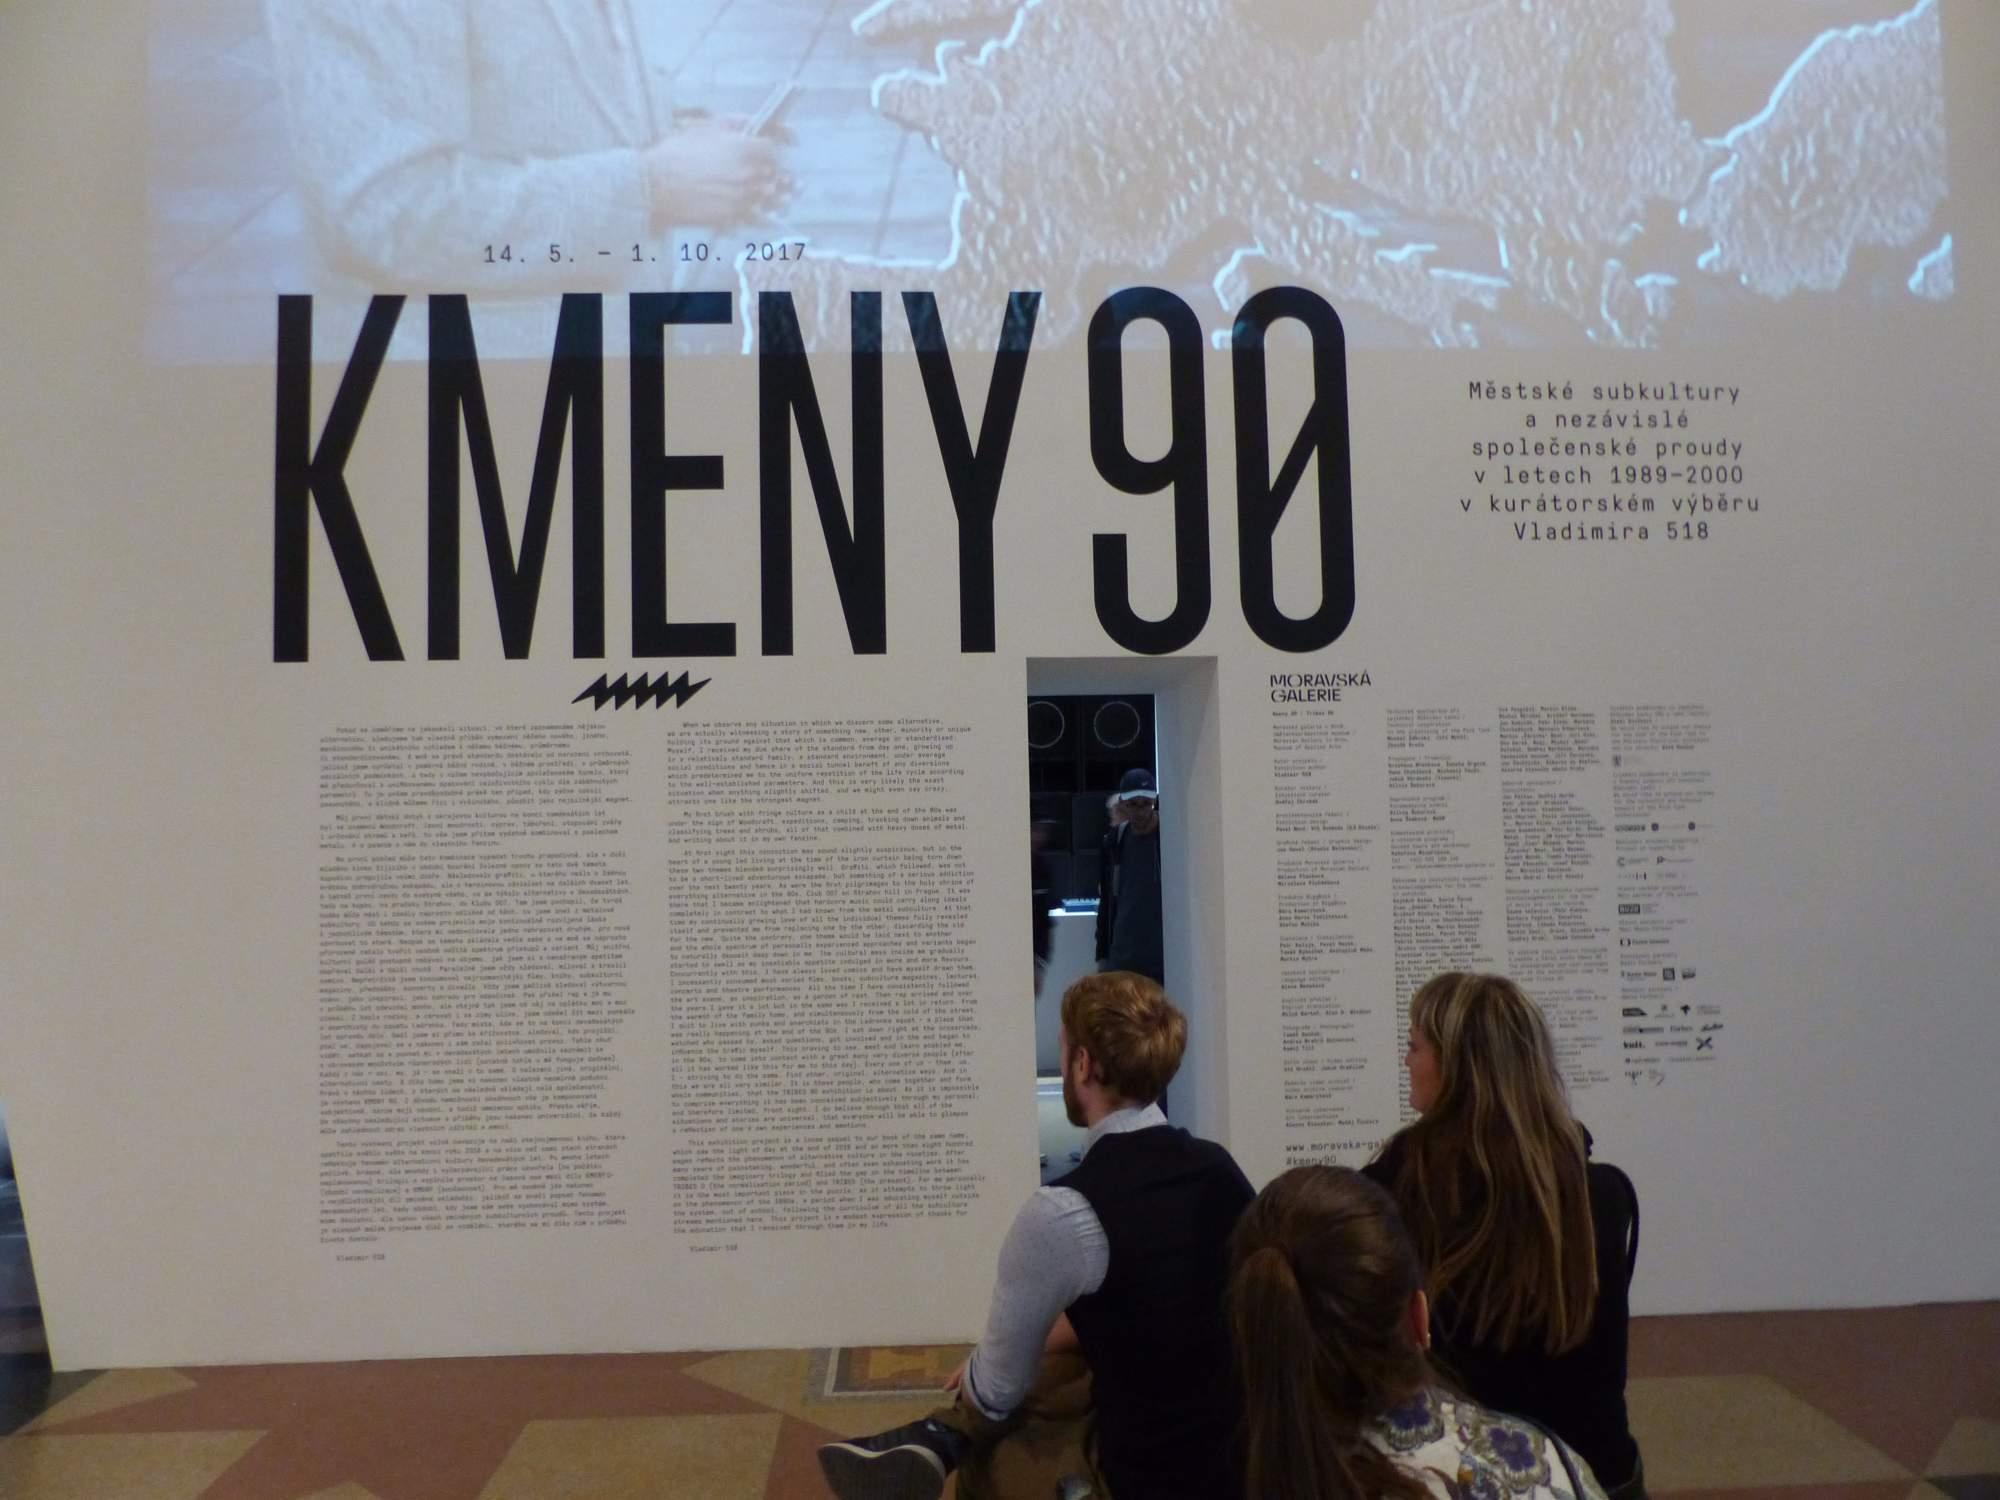 Výstavu Kmeny 90 zakončil v neděli autor Vladimir 518 komentovanou prohlídkou. Autor: Eliška Pavlíková